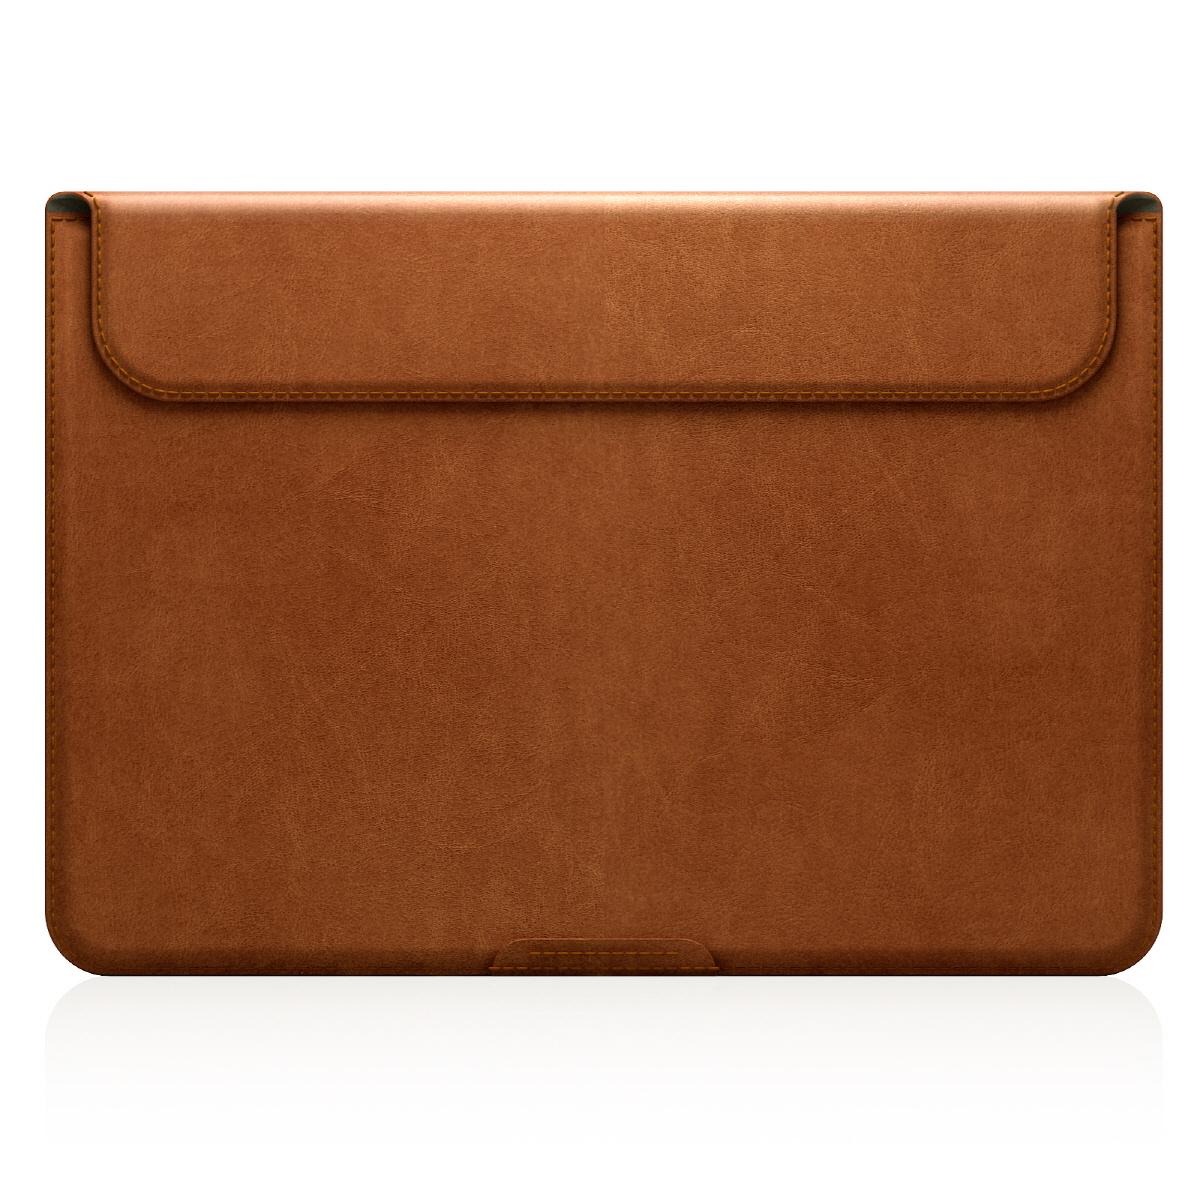 【MacBook 12インチ スタンドケース】 D5 Artificial Leather タンブラウン(ディーファイブ アーティフィシャルレザー)